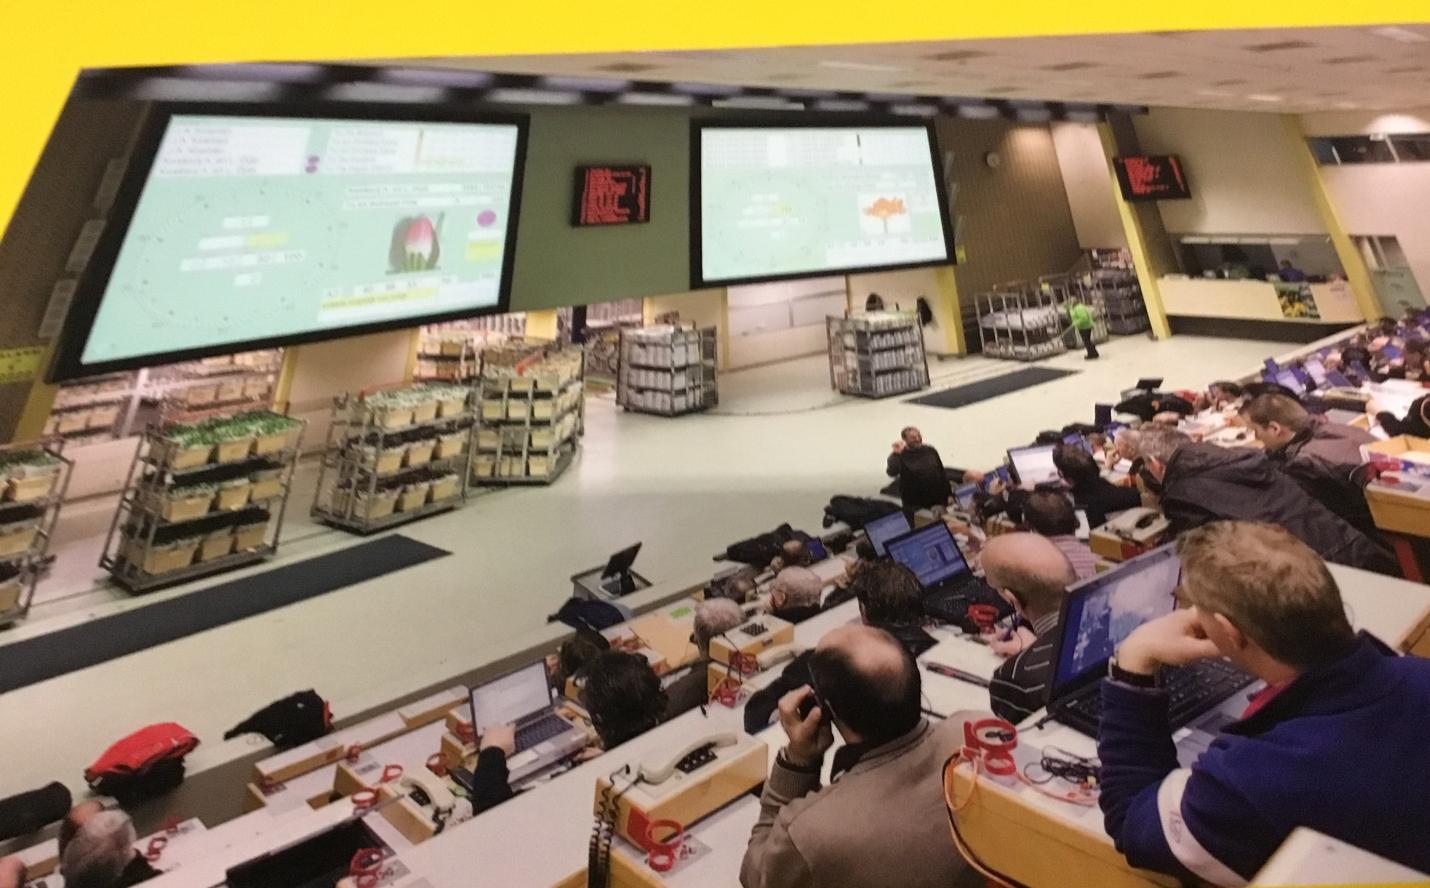 На фото – зал, где проводится голландский аукцион цветов